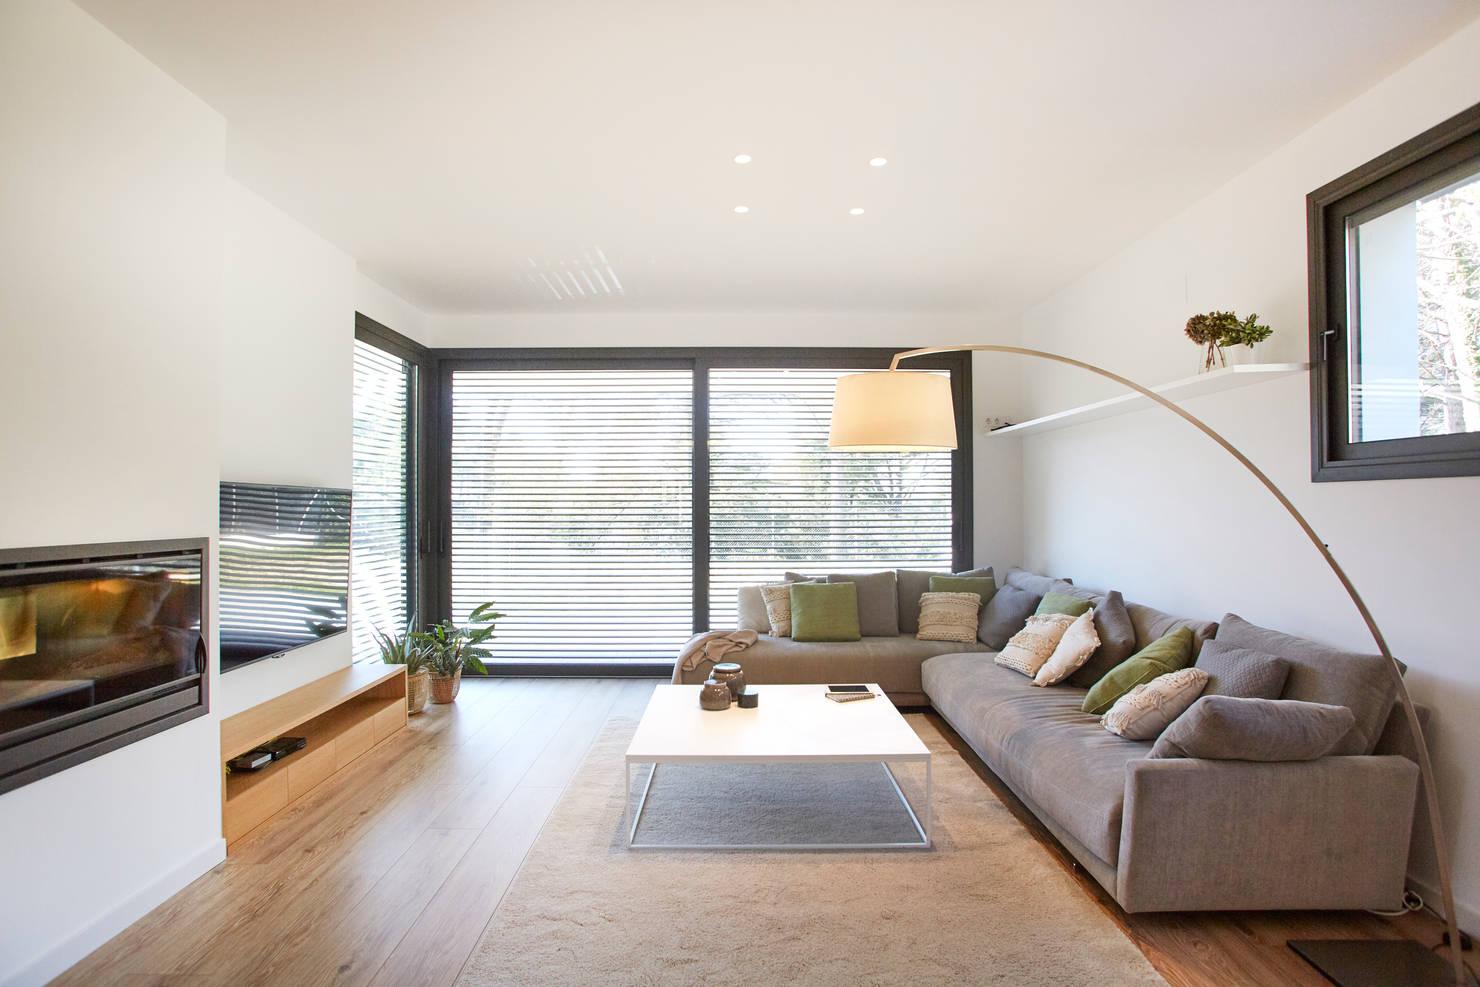 La regla japonesa de las 5S: cómo y por qué aplicarla en casa